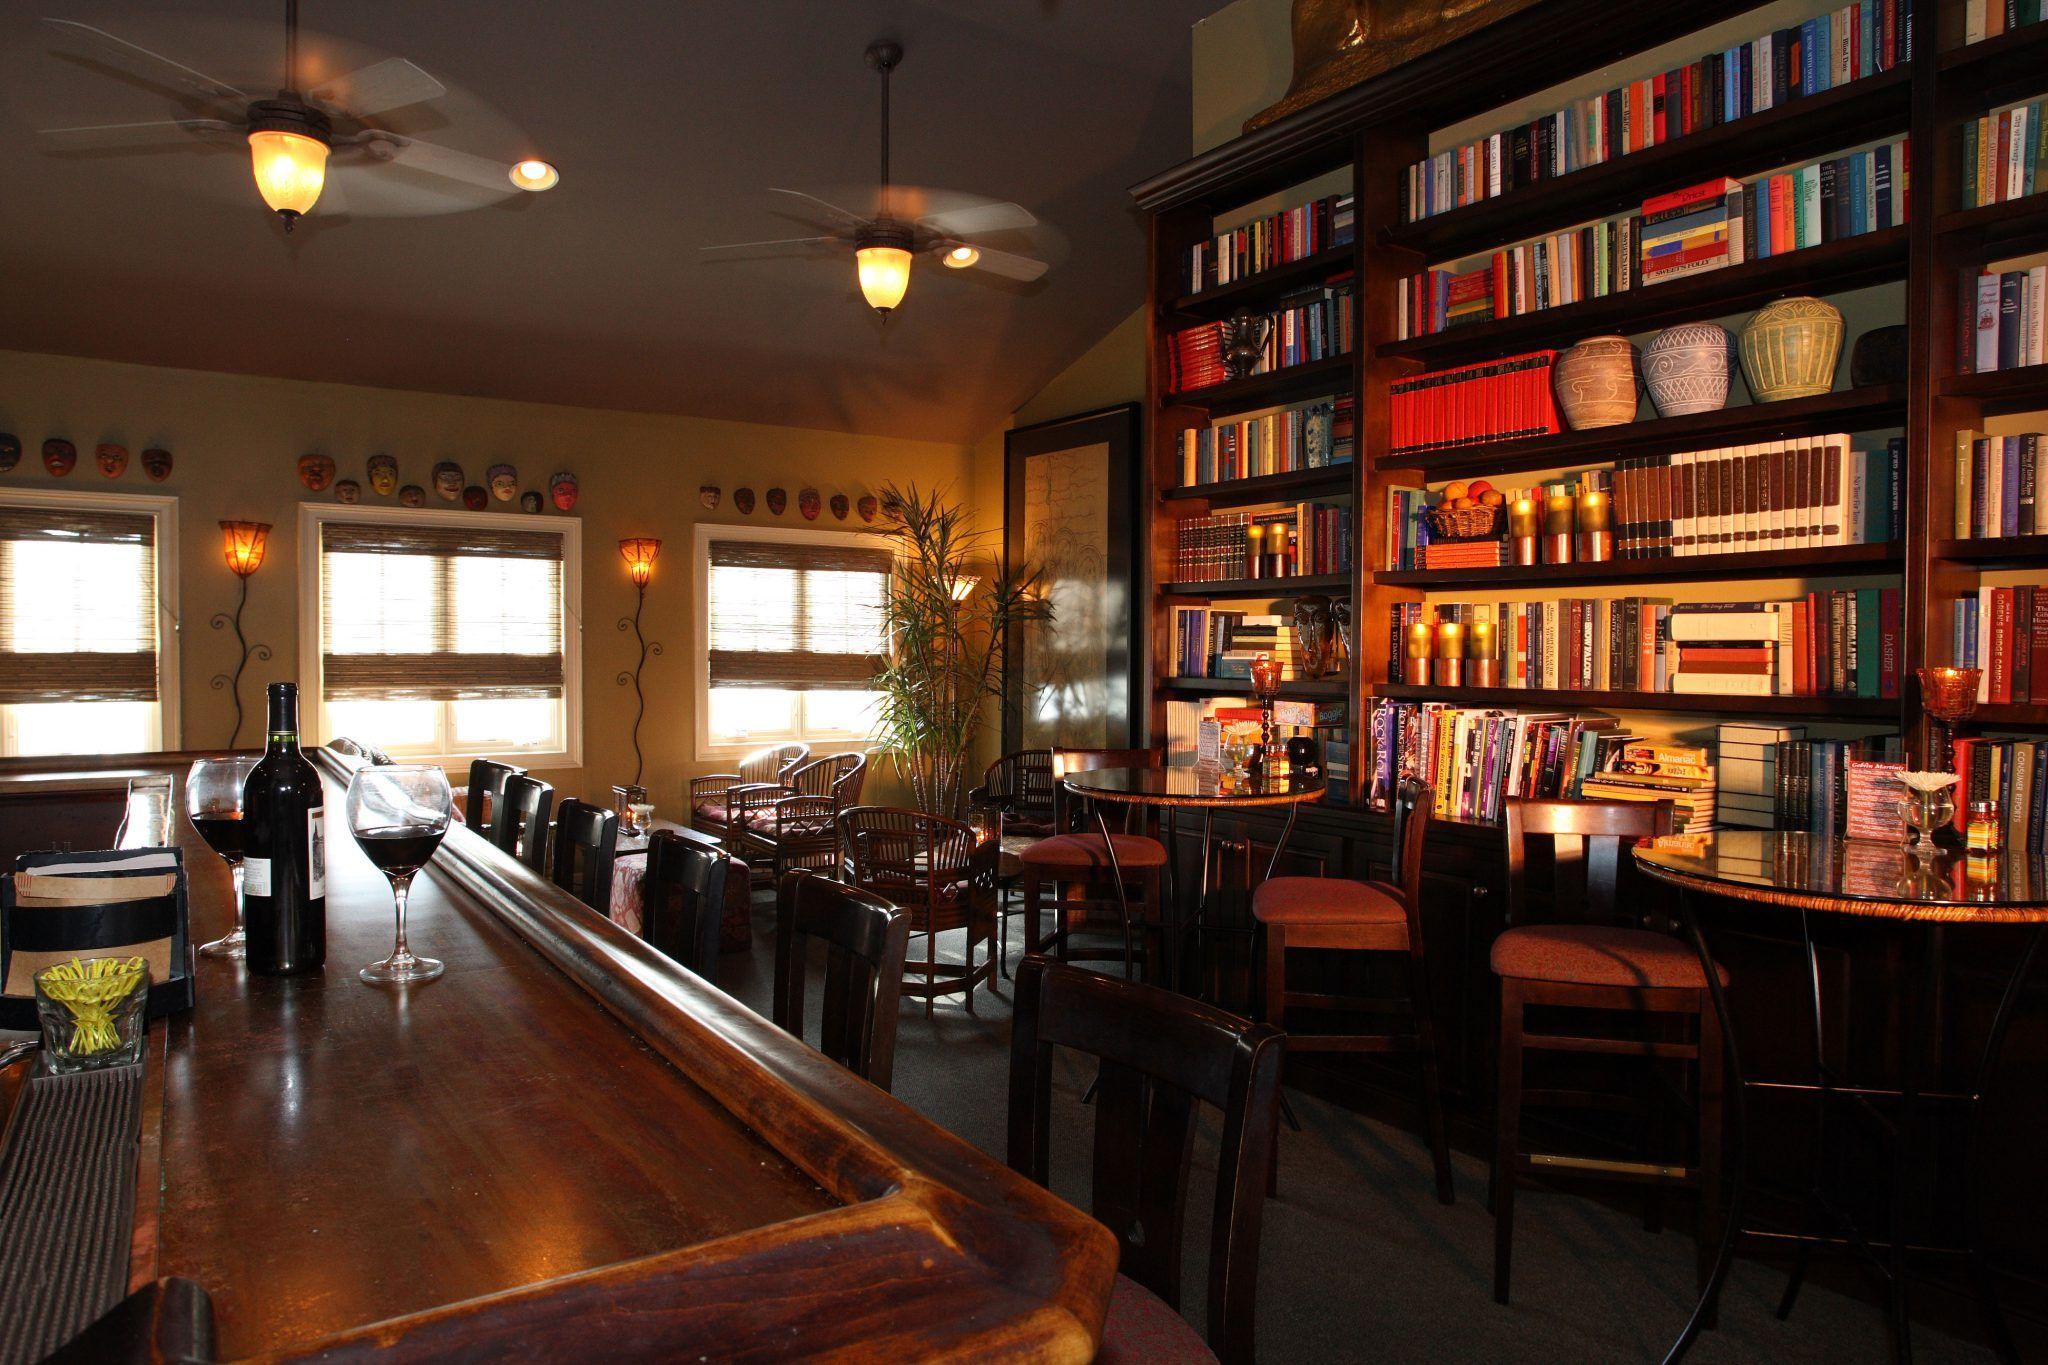 The Goblin Market Restaurant lounge, Mount dora, Restaurant